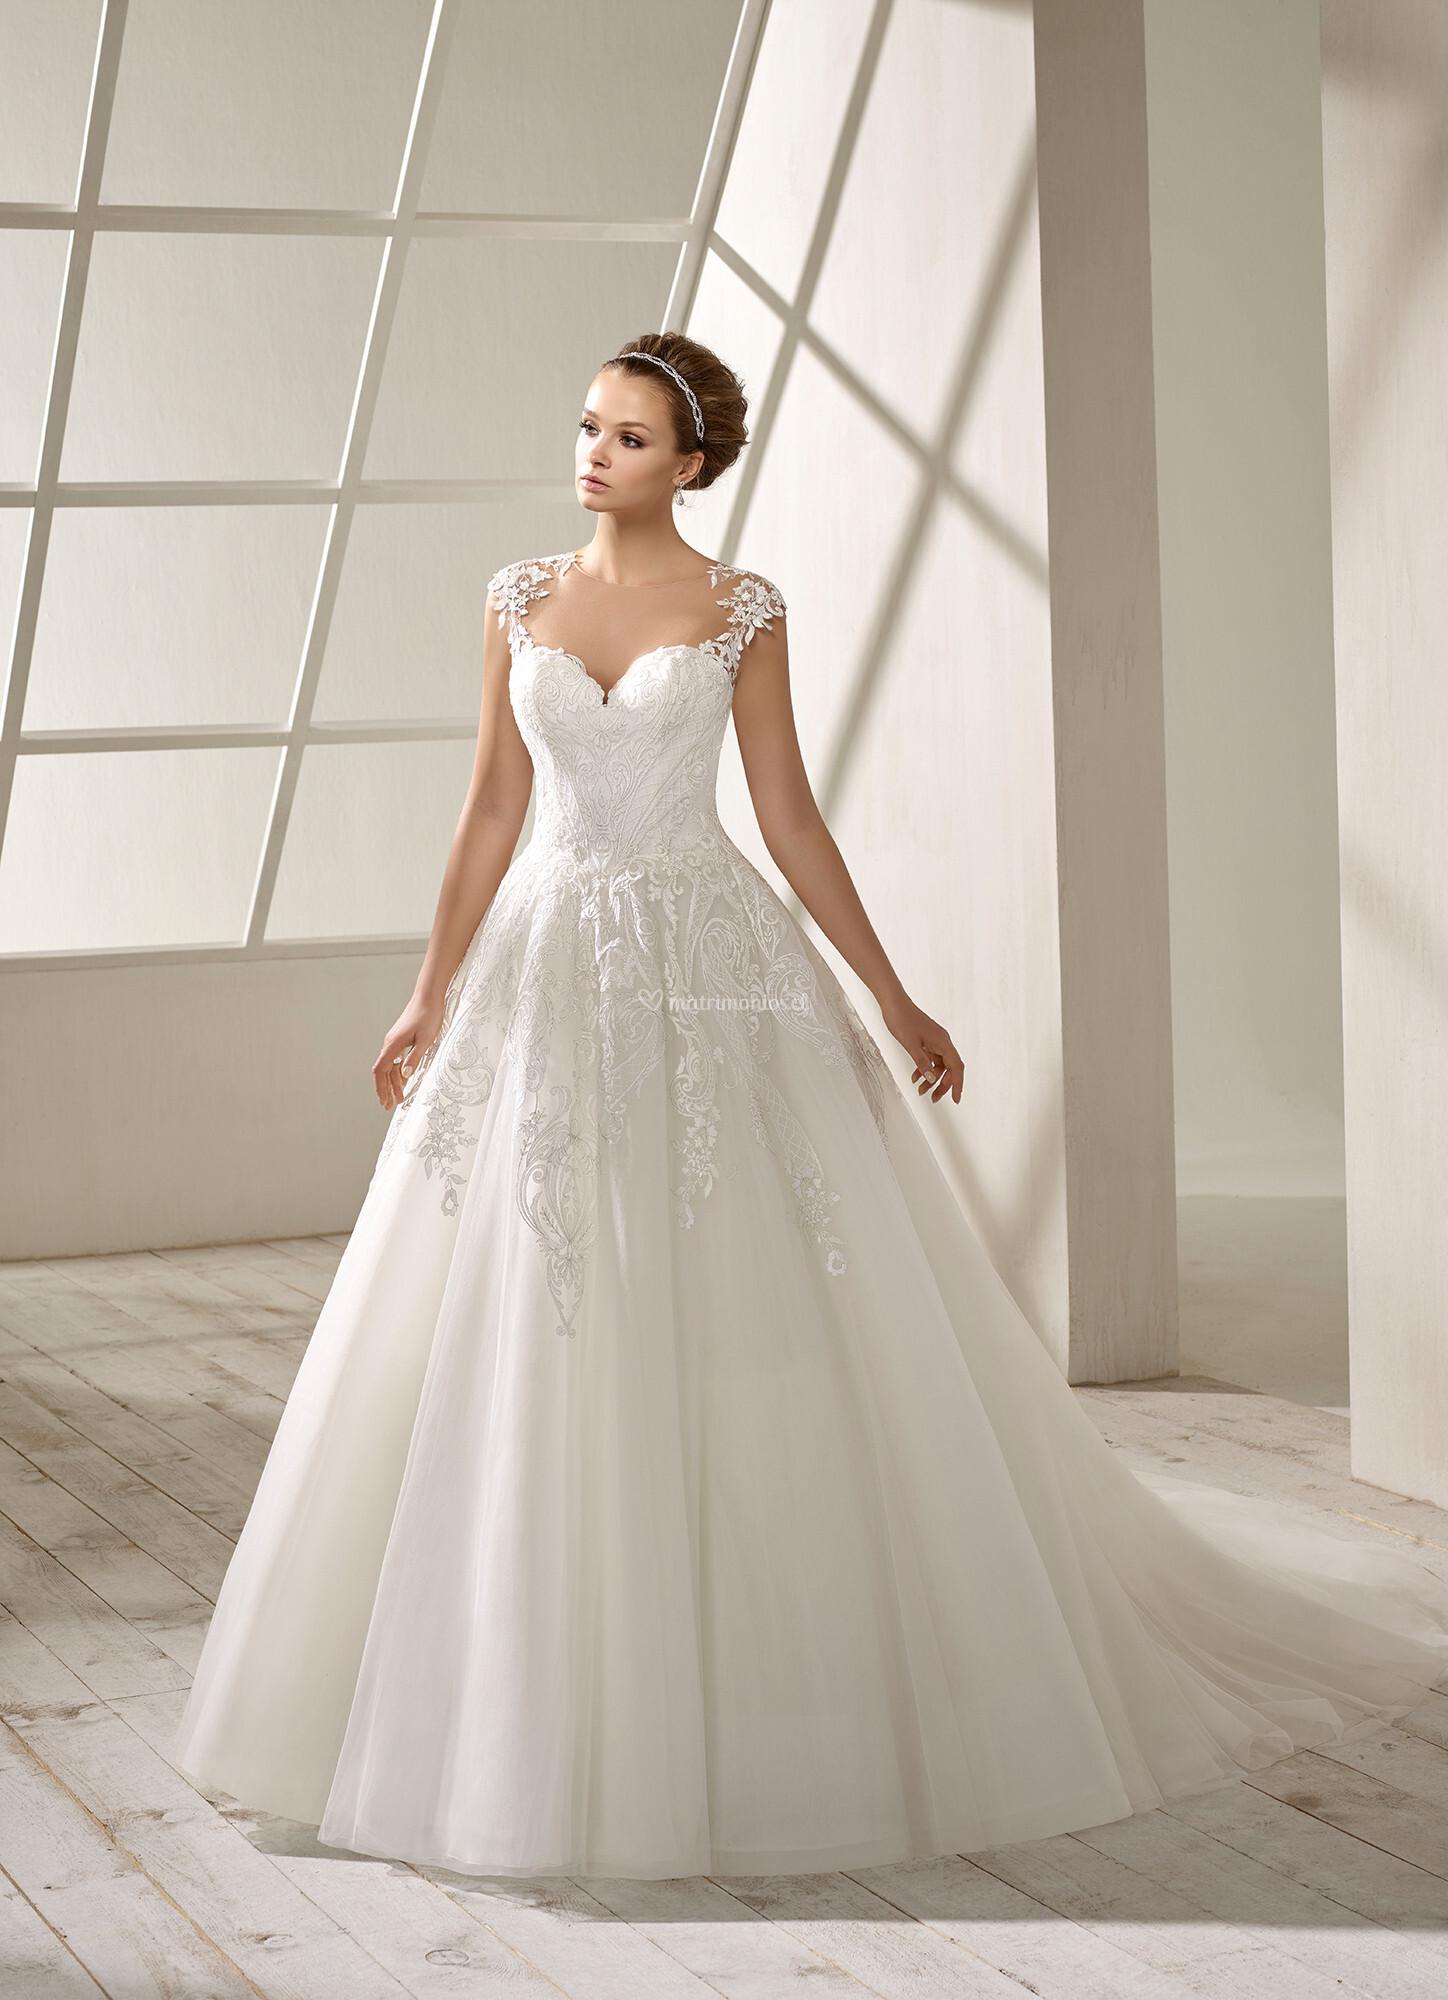 2298dbf4 Vestidos de Novia de Divina Sposa By Sposa Group Italia - 2019 -  Matrimonios.cl